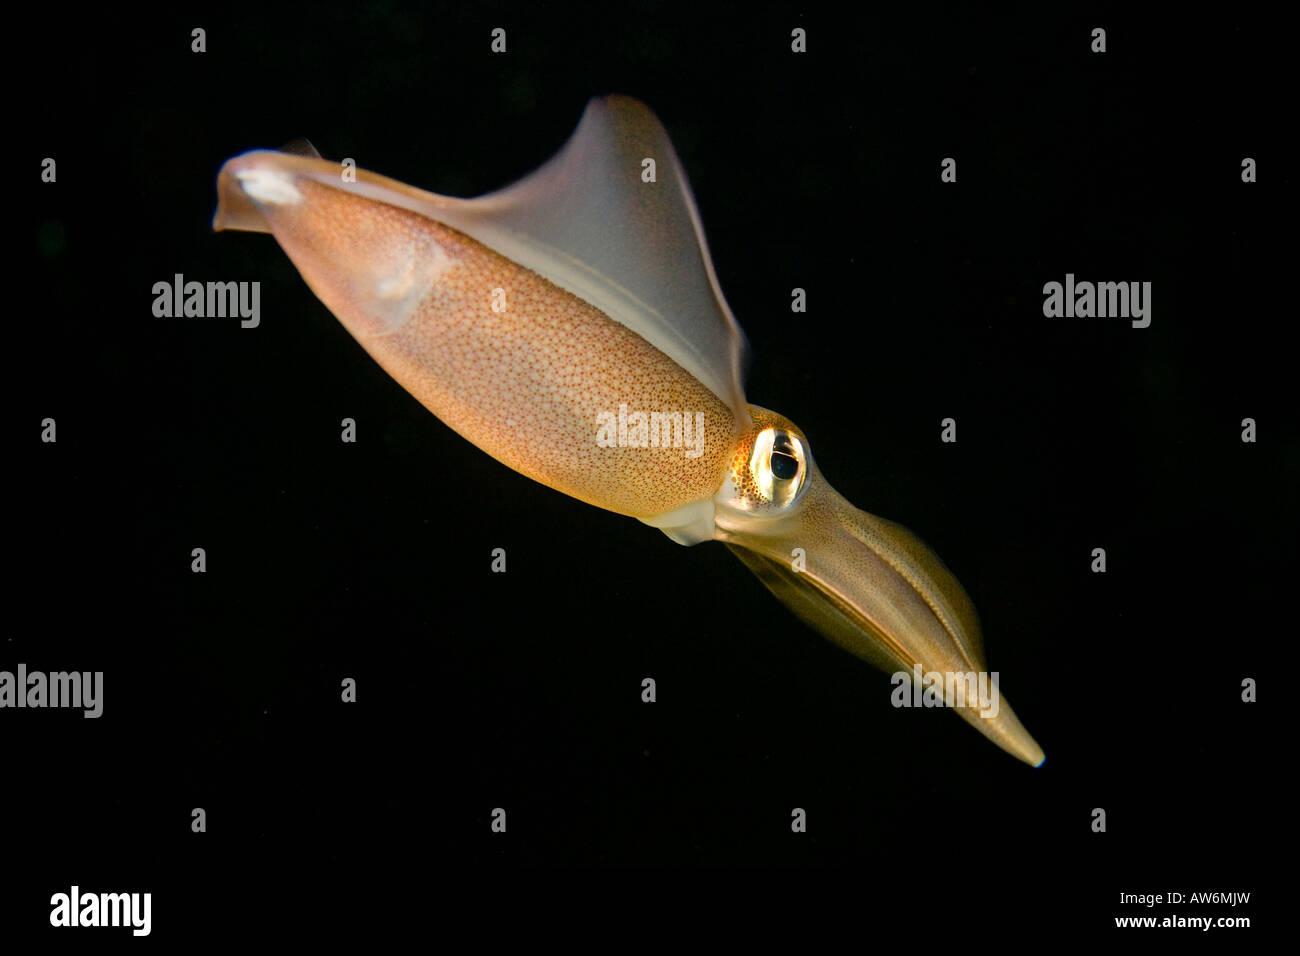 Southern squid, Sepioteuthis australis, Australia. - Stock Image